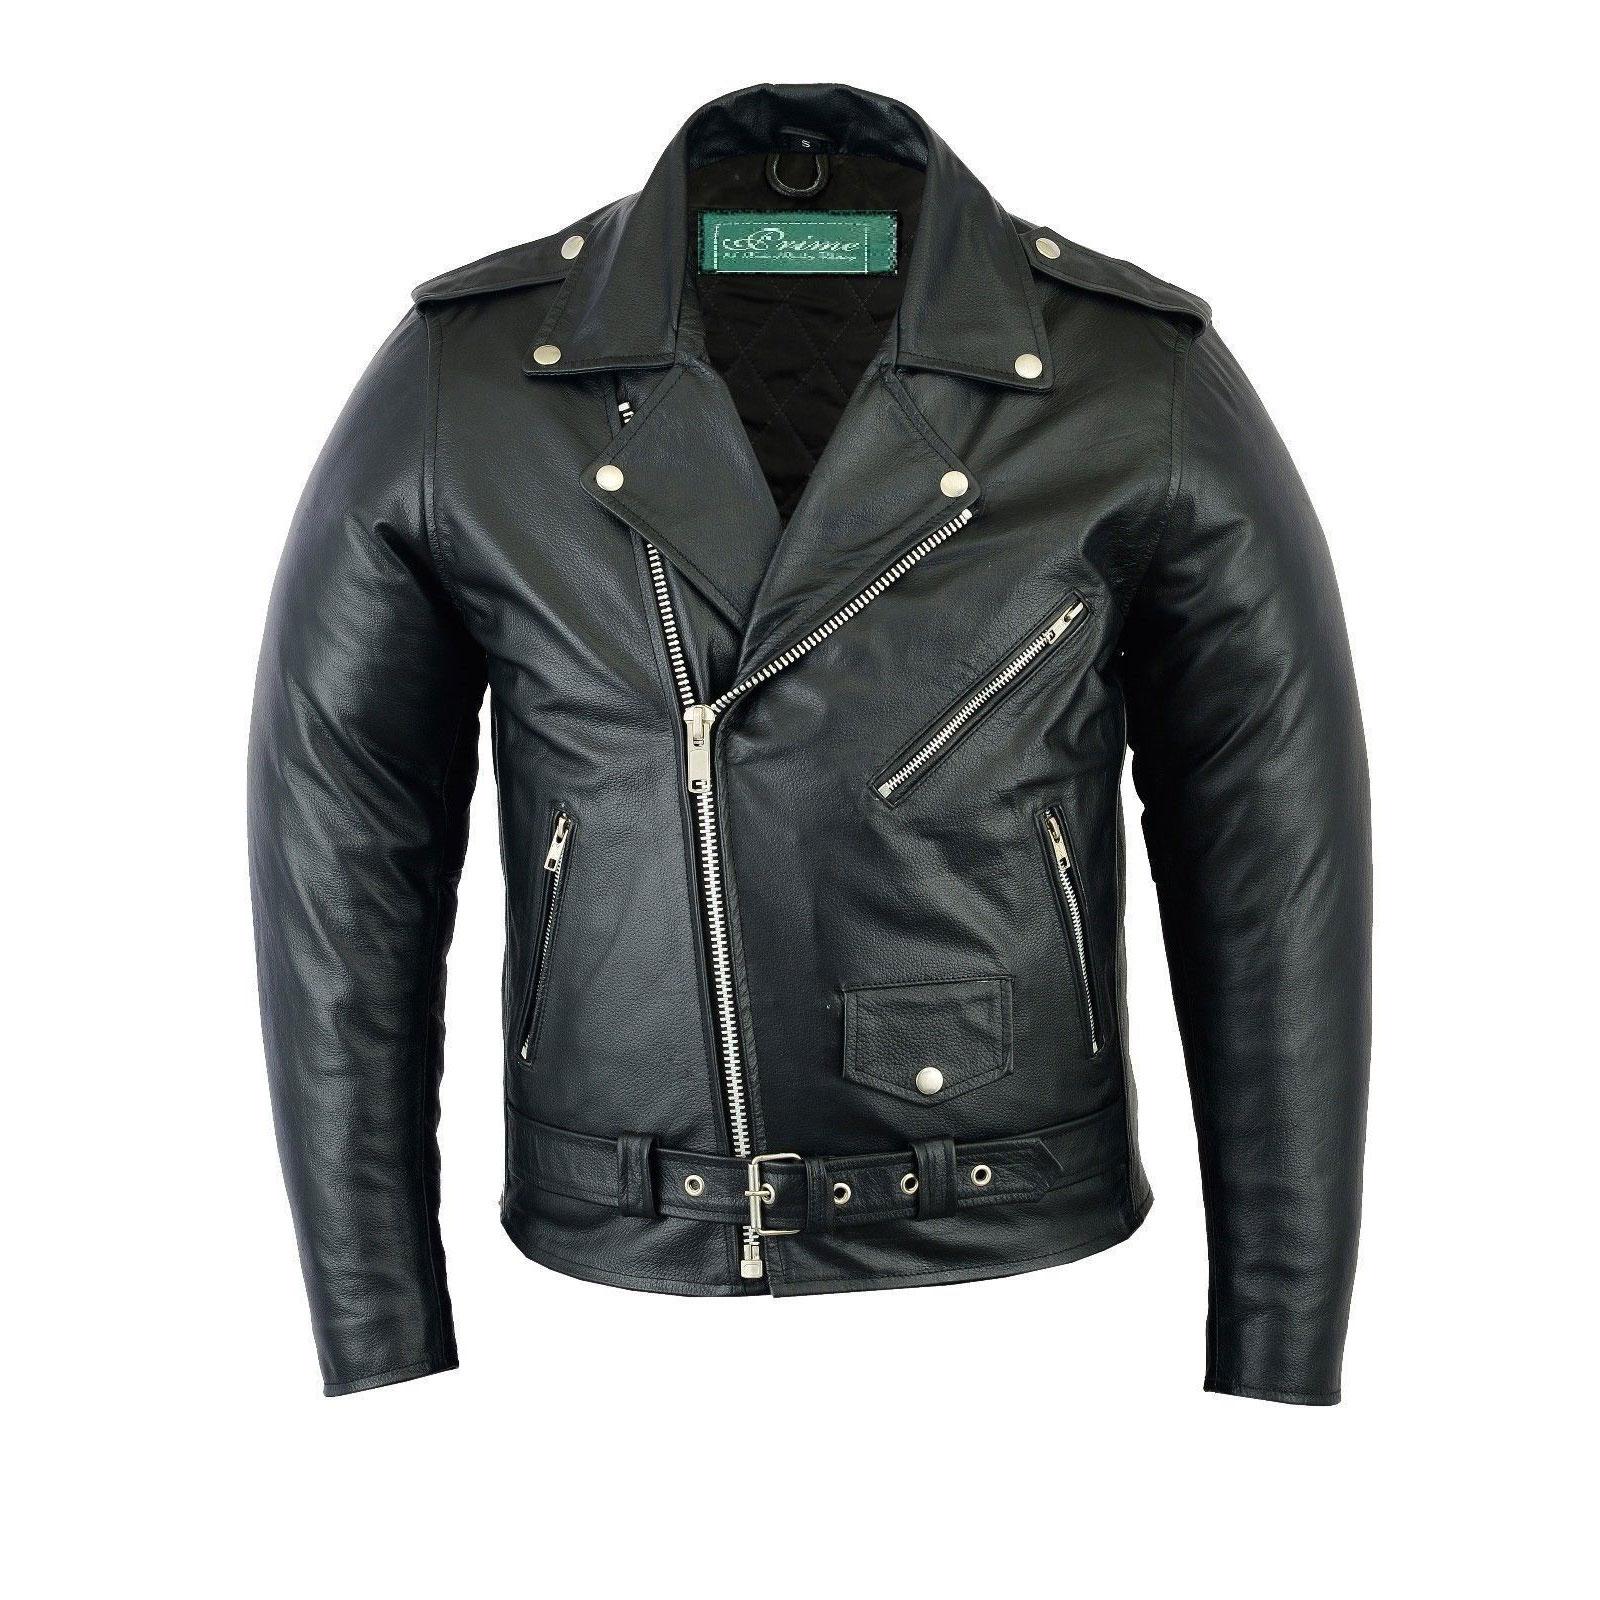 Brando jacket, vintage jacket, black leather jacket, best jacket, jacket for man, leather jacket